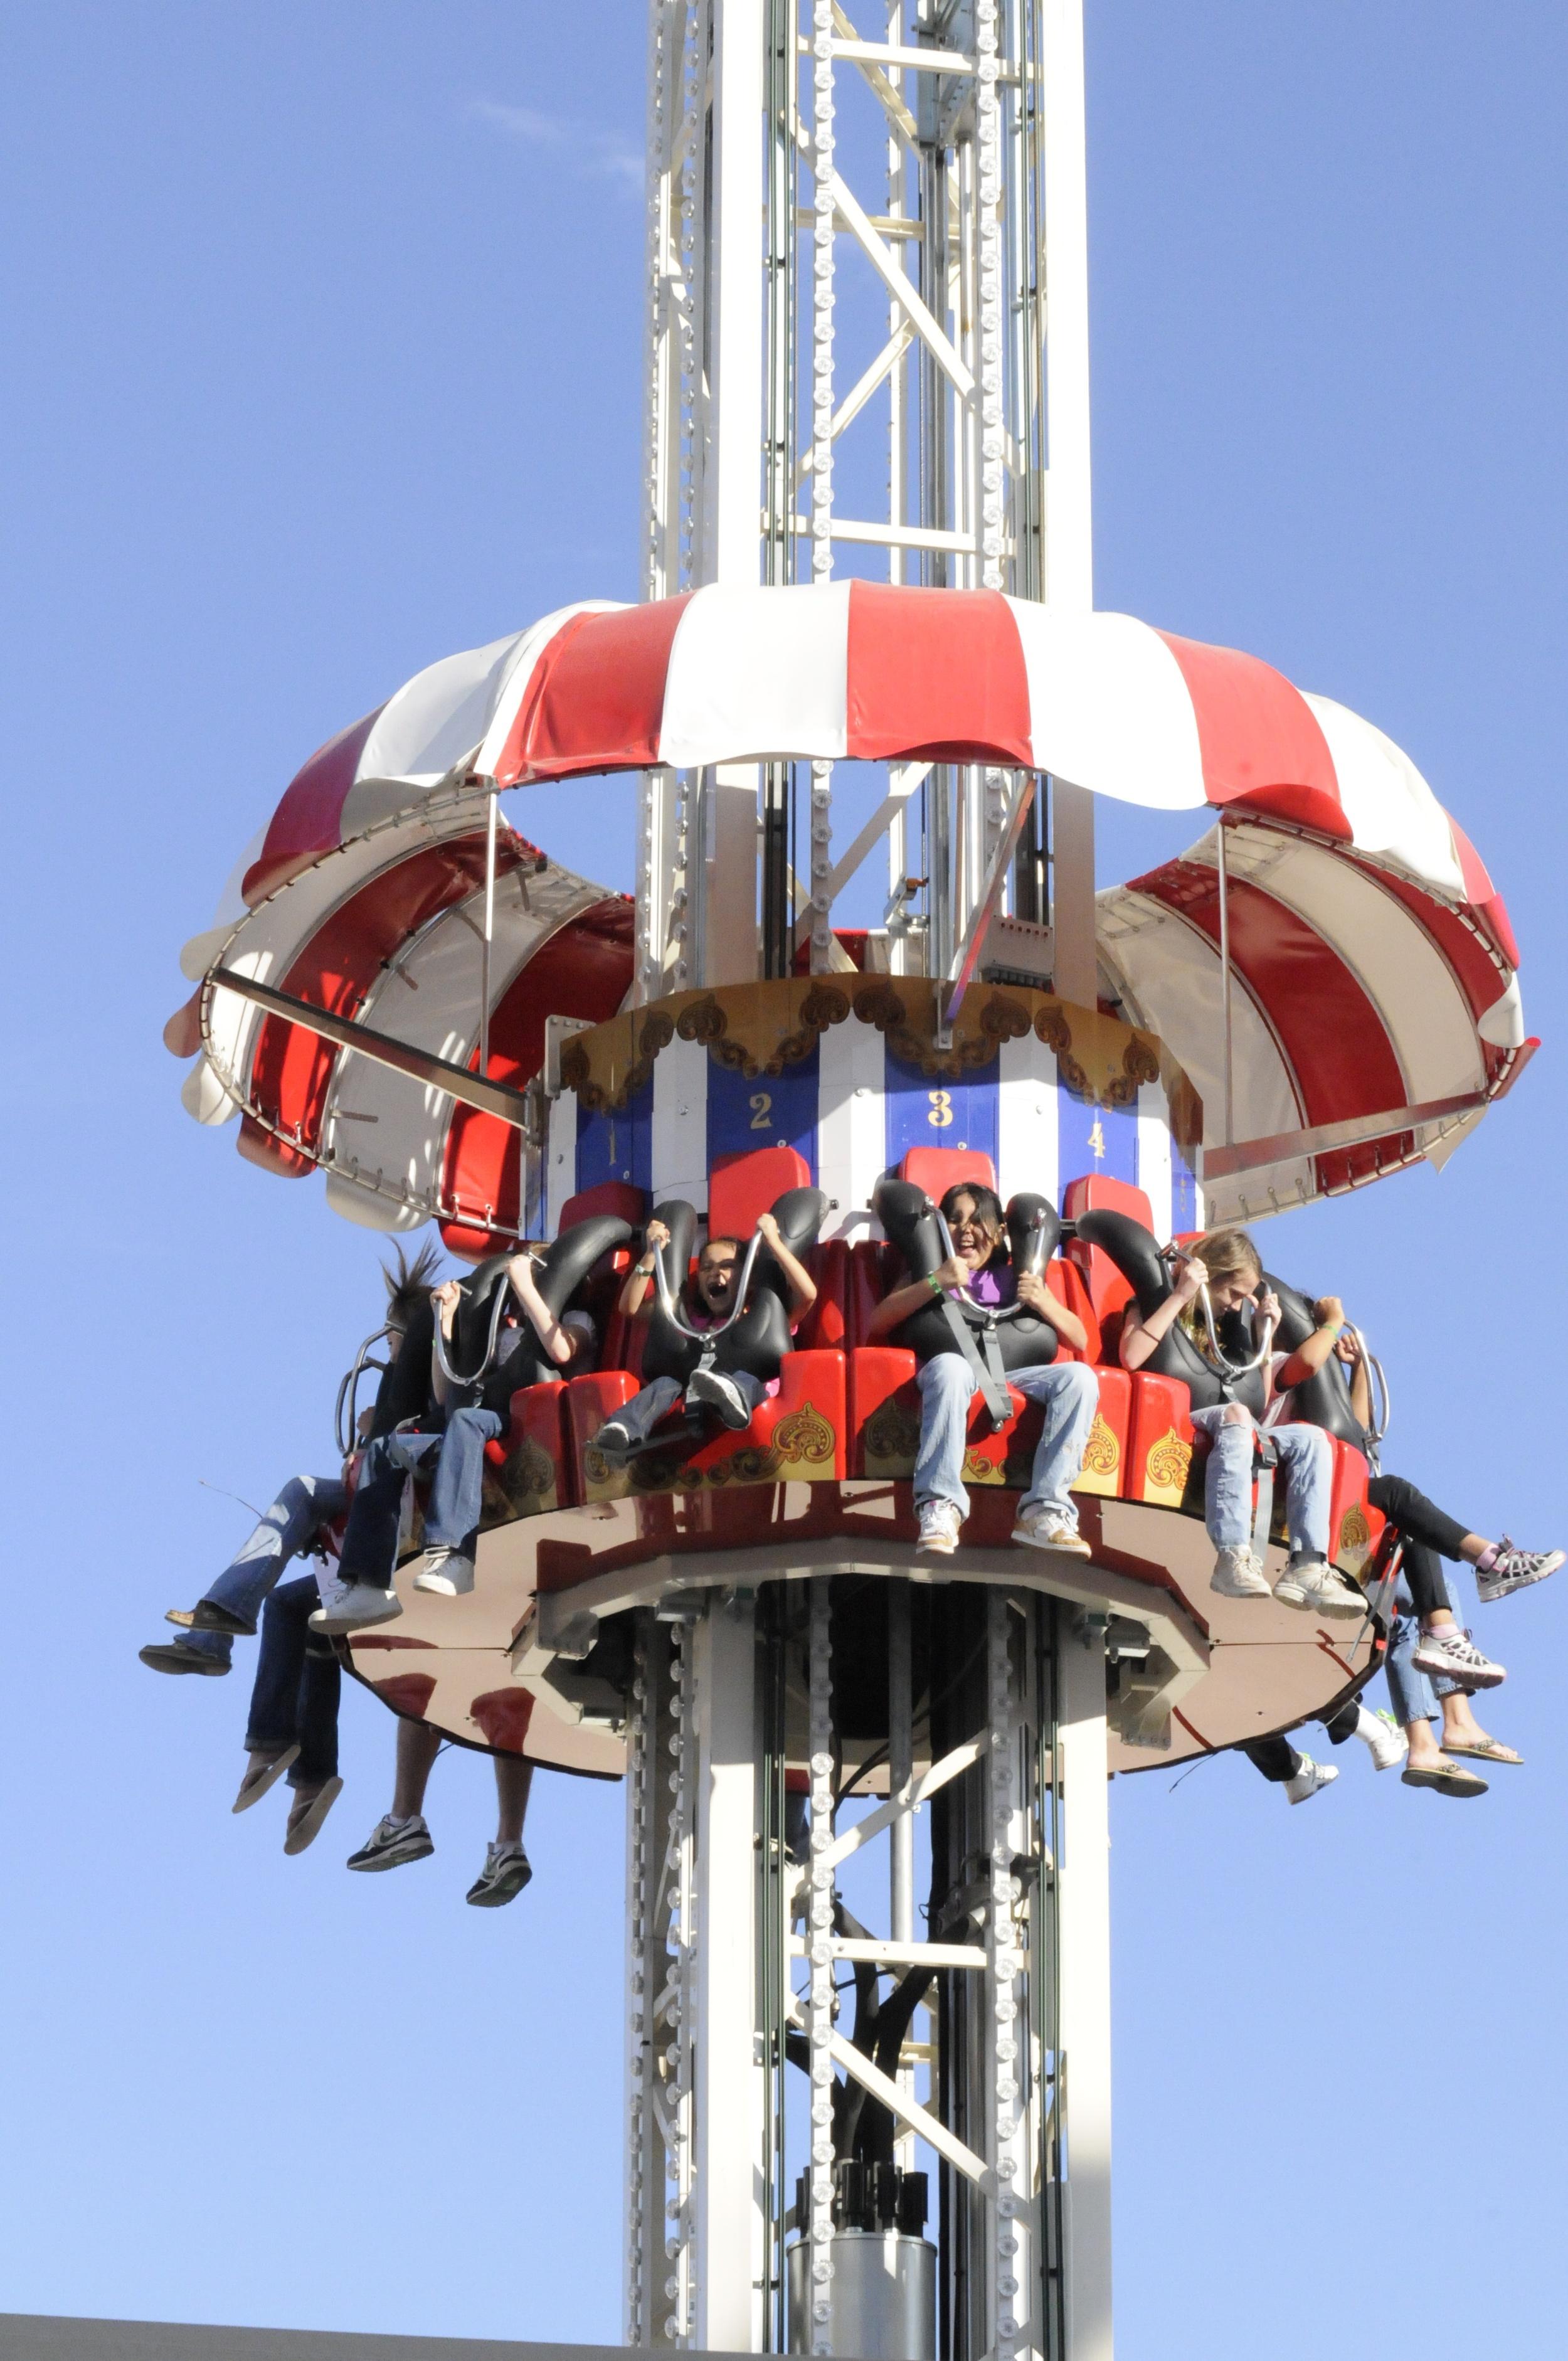 zdt s amusement park